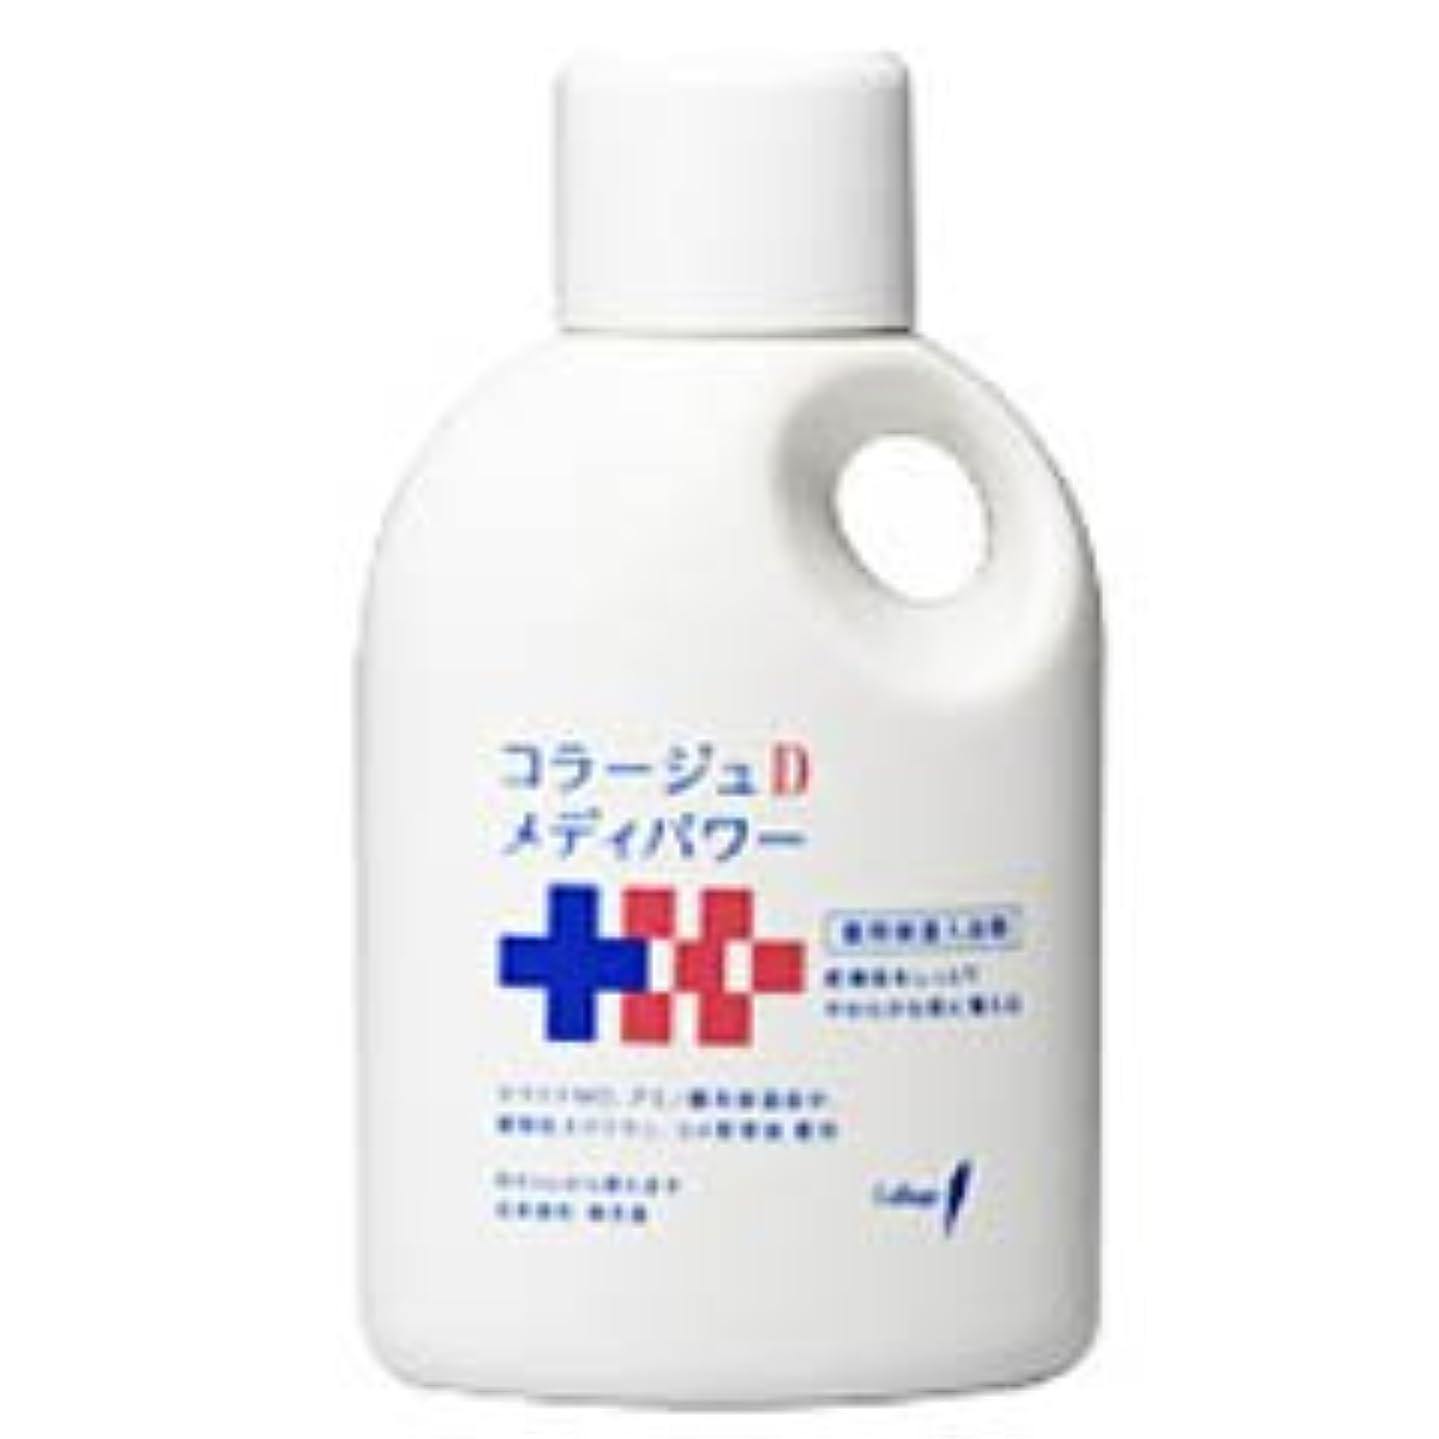 排気湿原どれ【持田ヘルスケア】コラージュD メディパワー 保湿入浴液 500ml